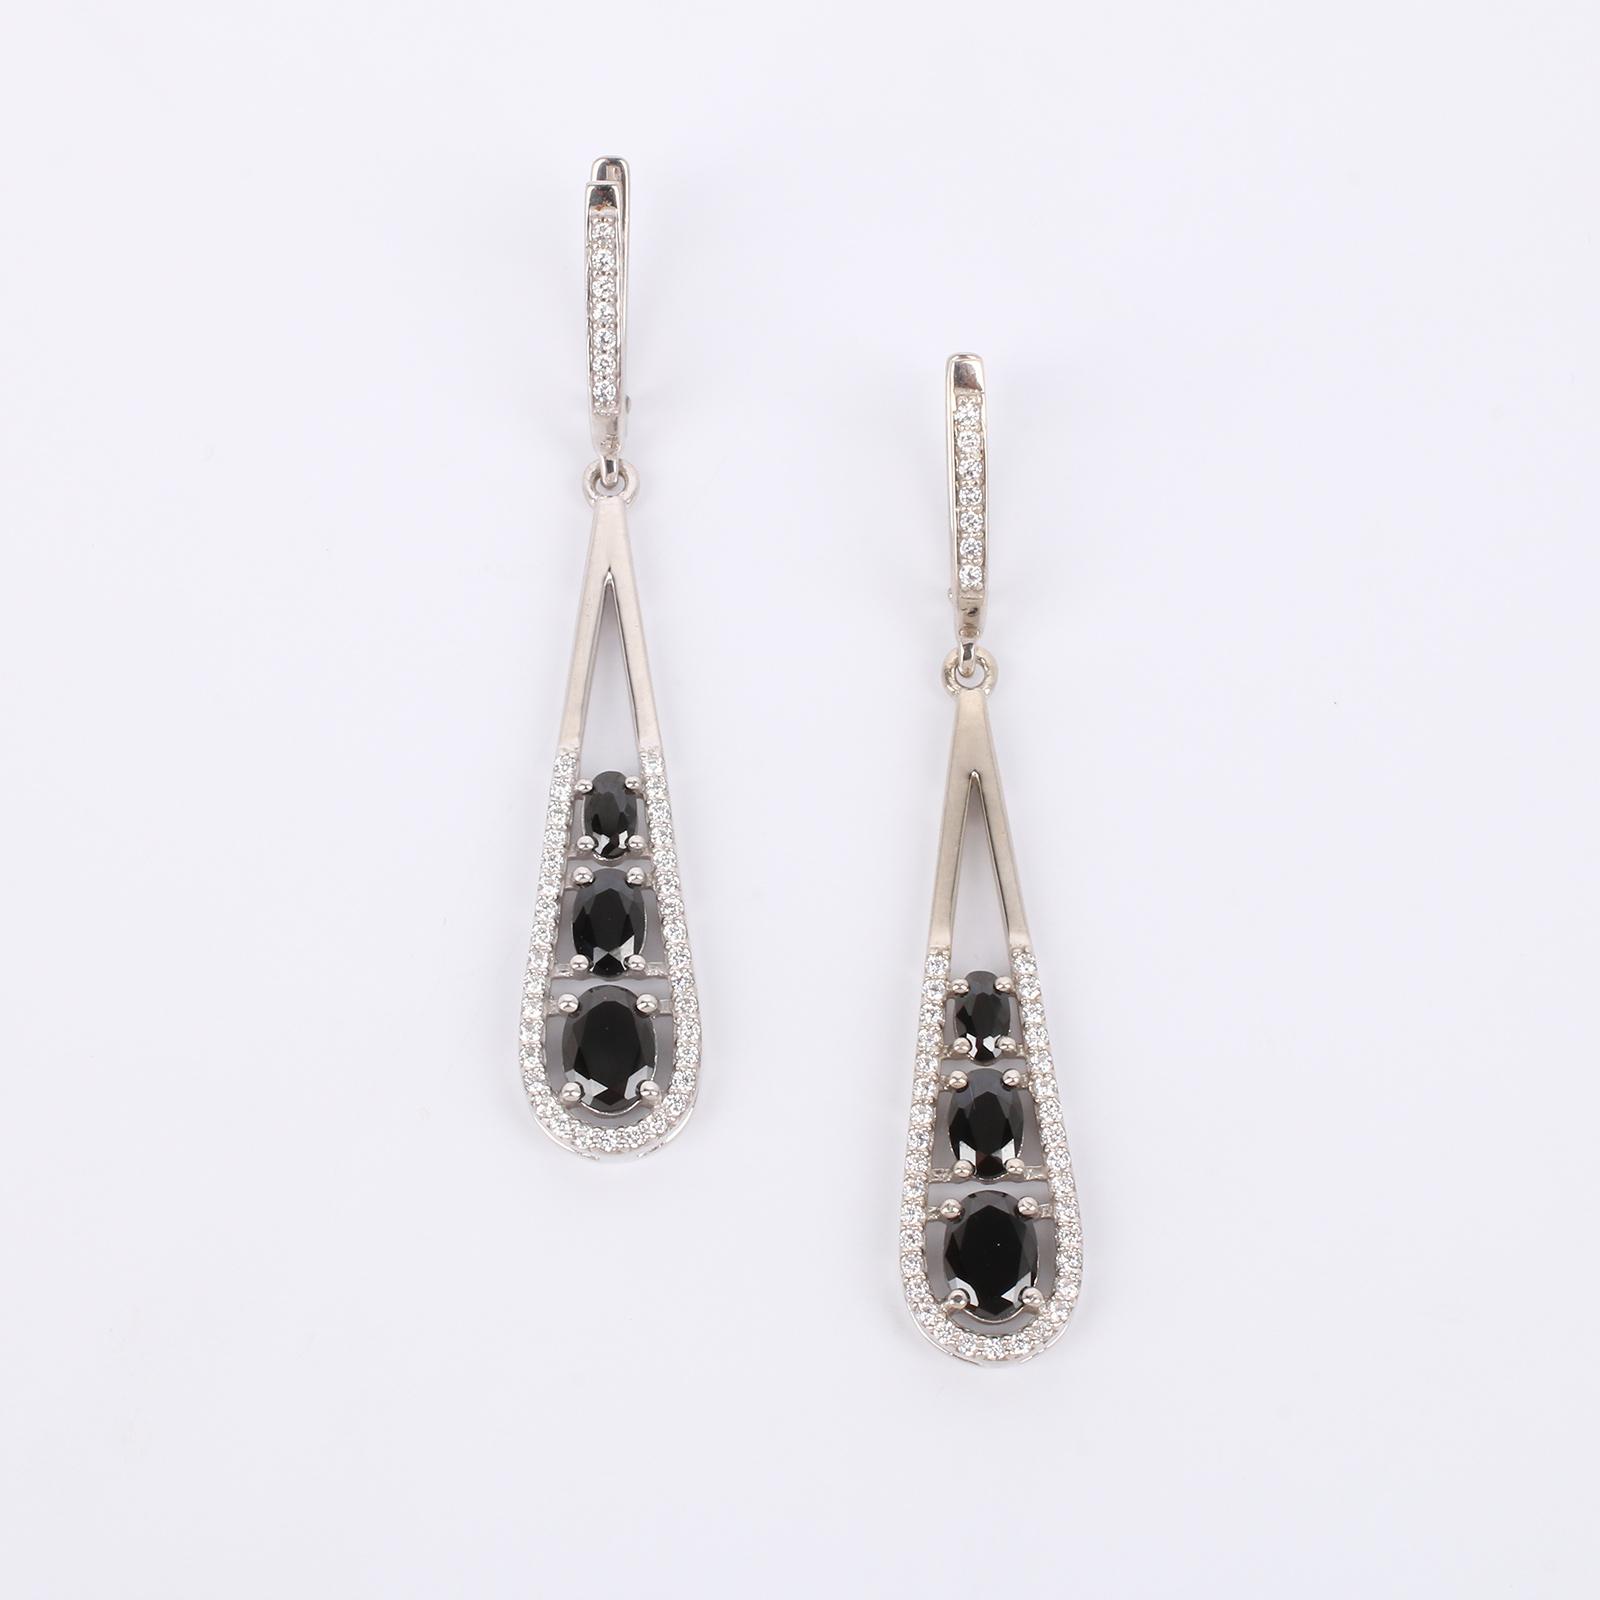 Серебряные серьги Торжественный выход серьги с подвесками эстет серебряные серьги с куб циркониями и пластиком est01с2510678 10z